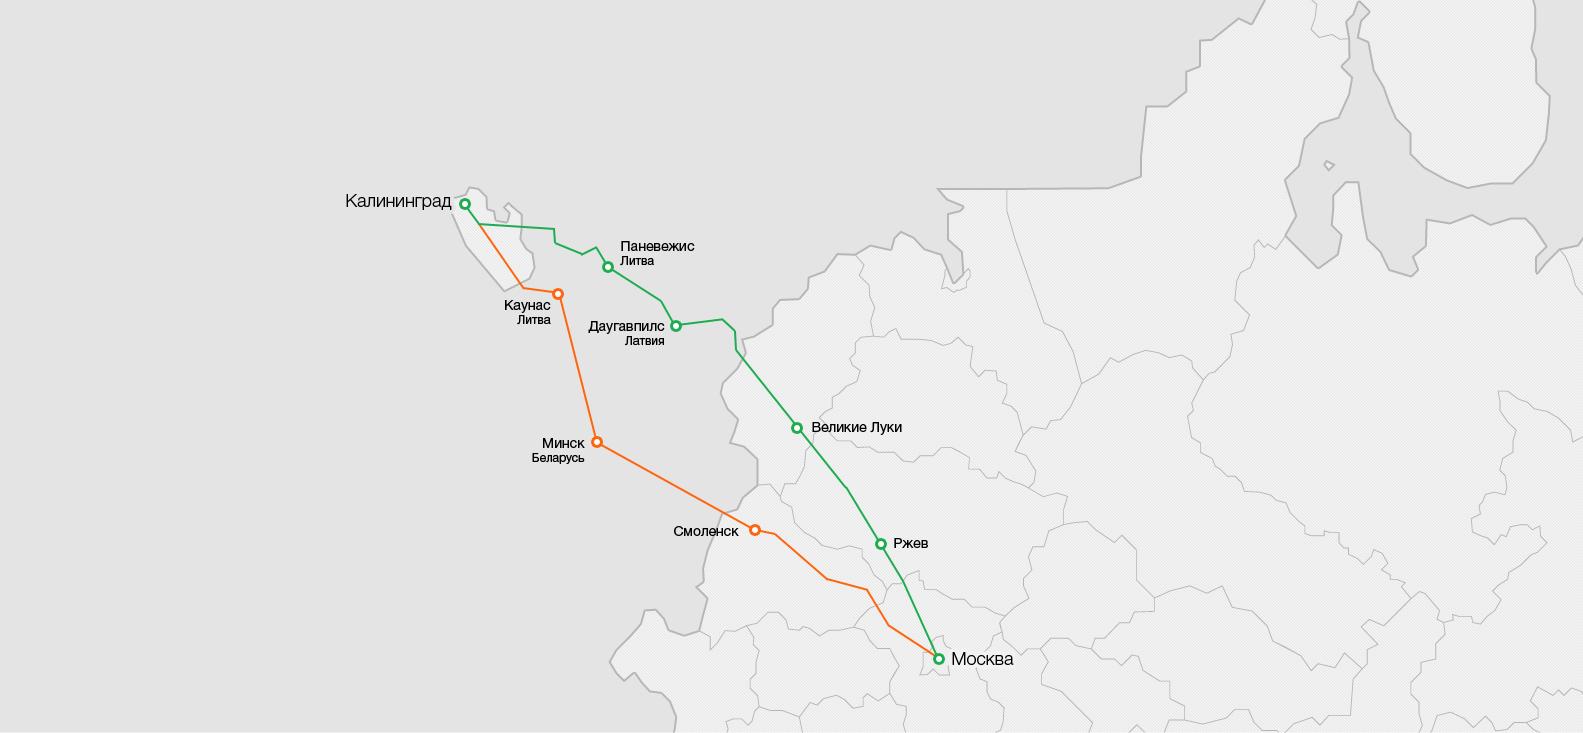 как доехать из калининграда до смоленска на поезде